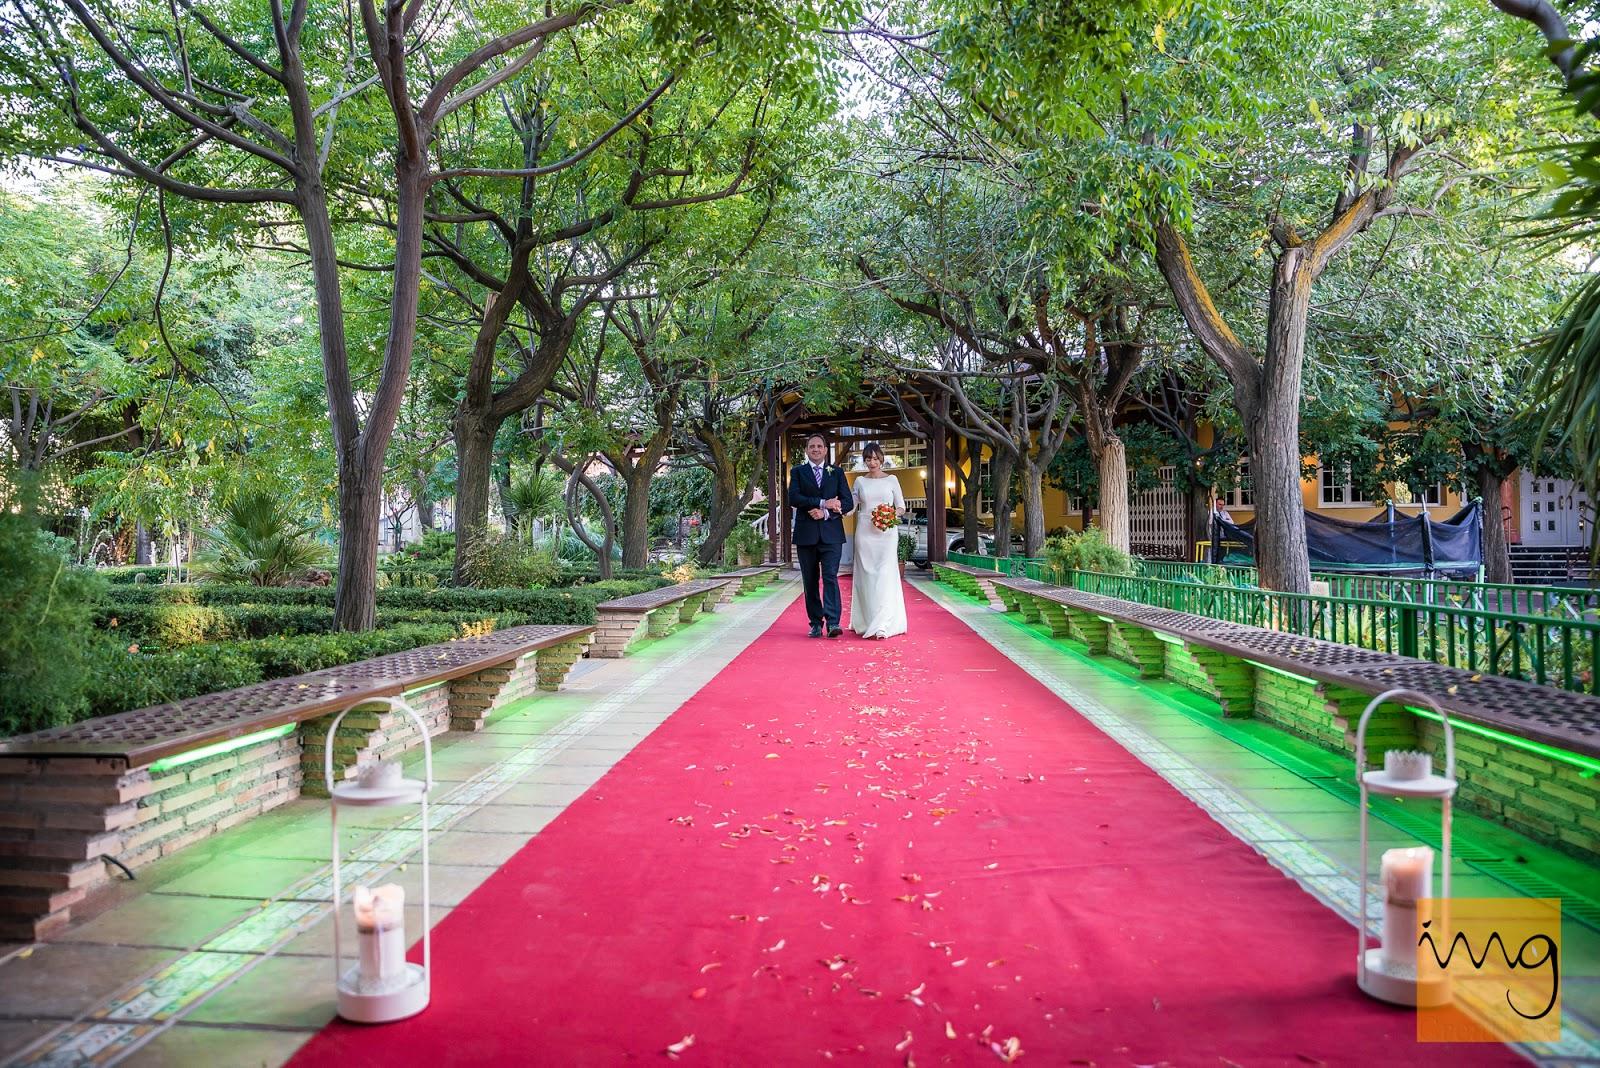 Fotografía de la entrada de la novia a la ceremonia